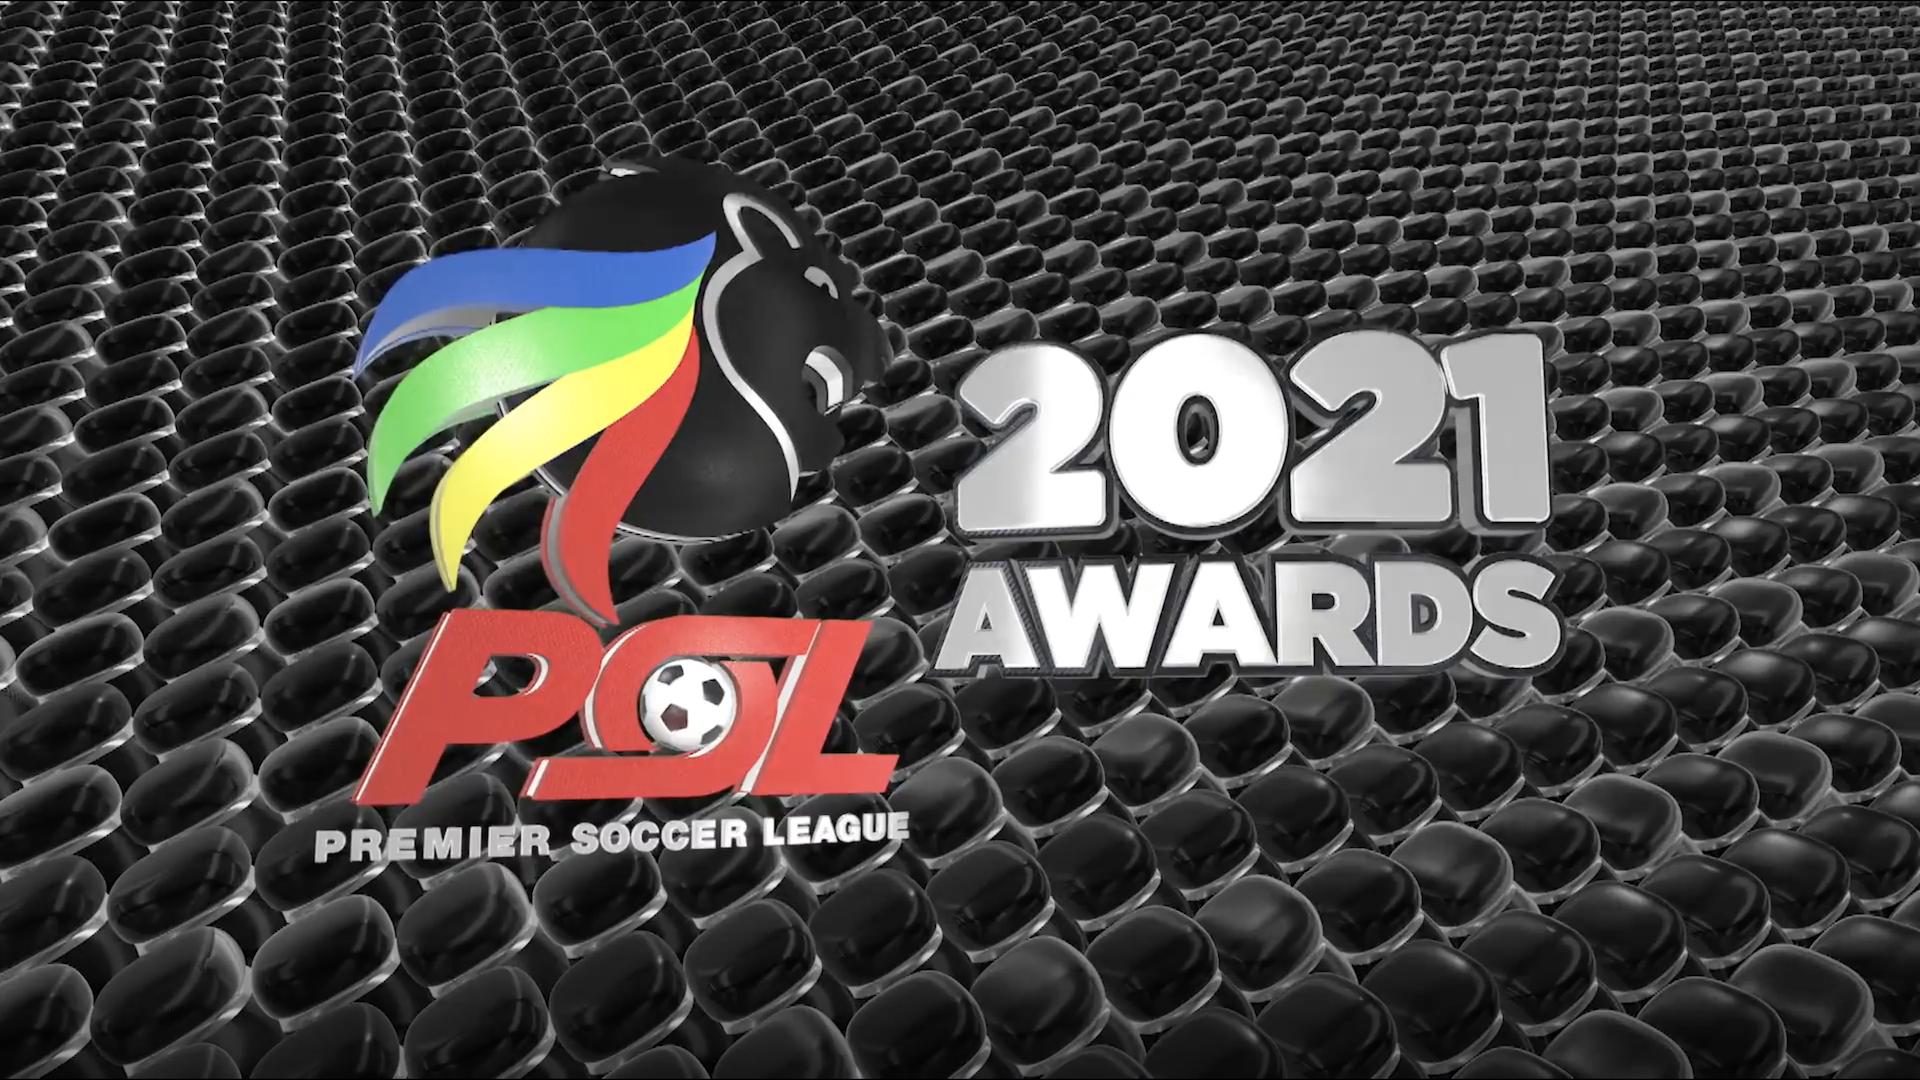 Blitz | PSL Awards | Shalulile wins big